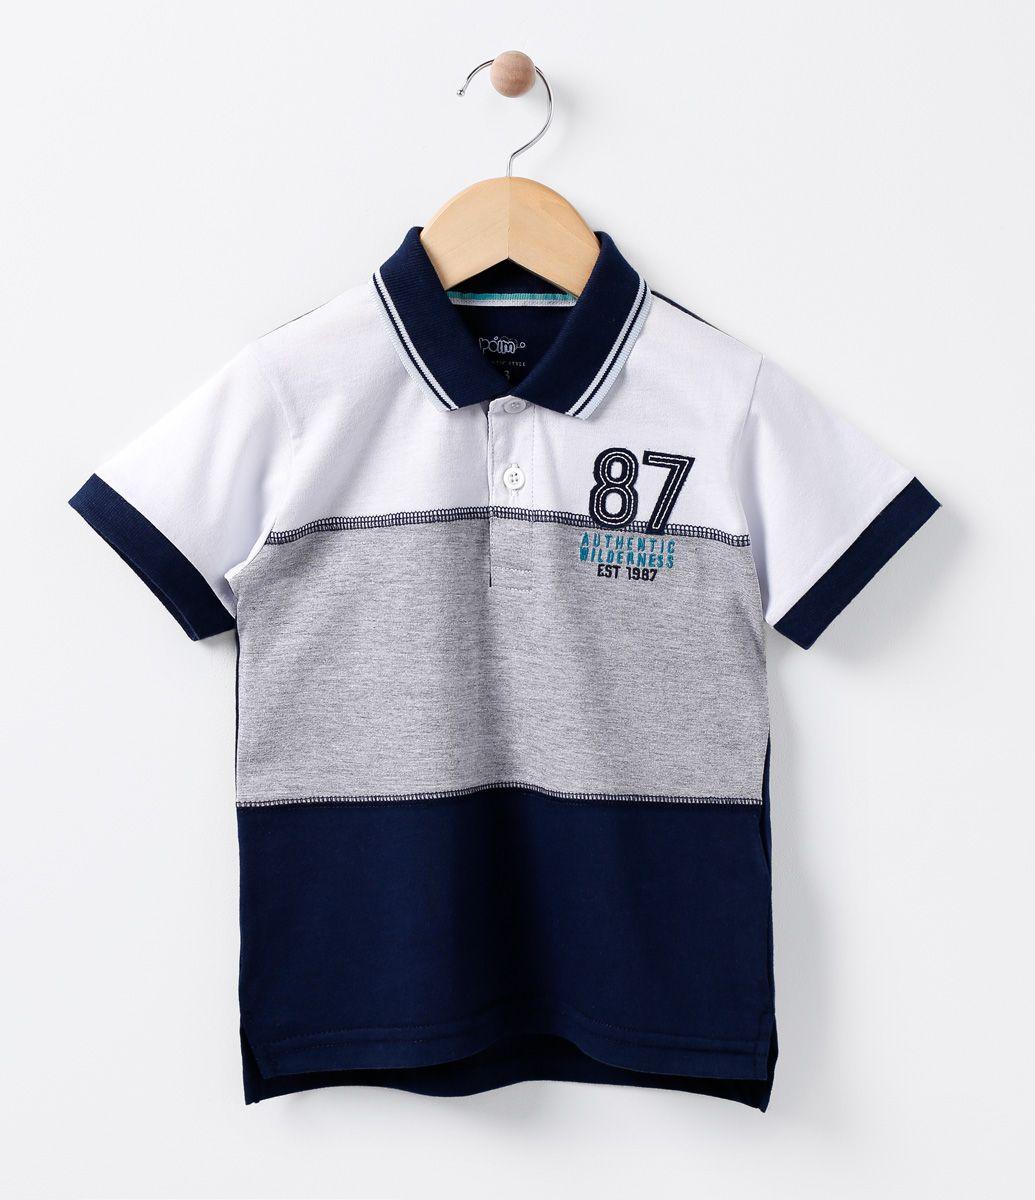 Camiseta polo infantil Manga curta Com recortes Com bordado Marca  Póim  Tecido  Meia malha 16a4cce903a88